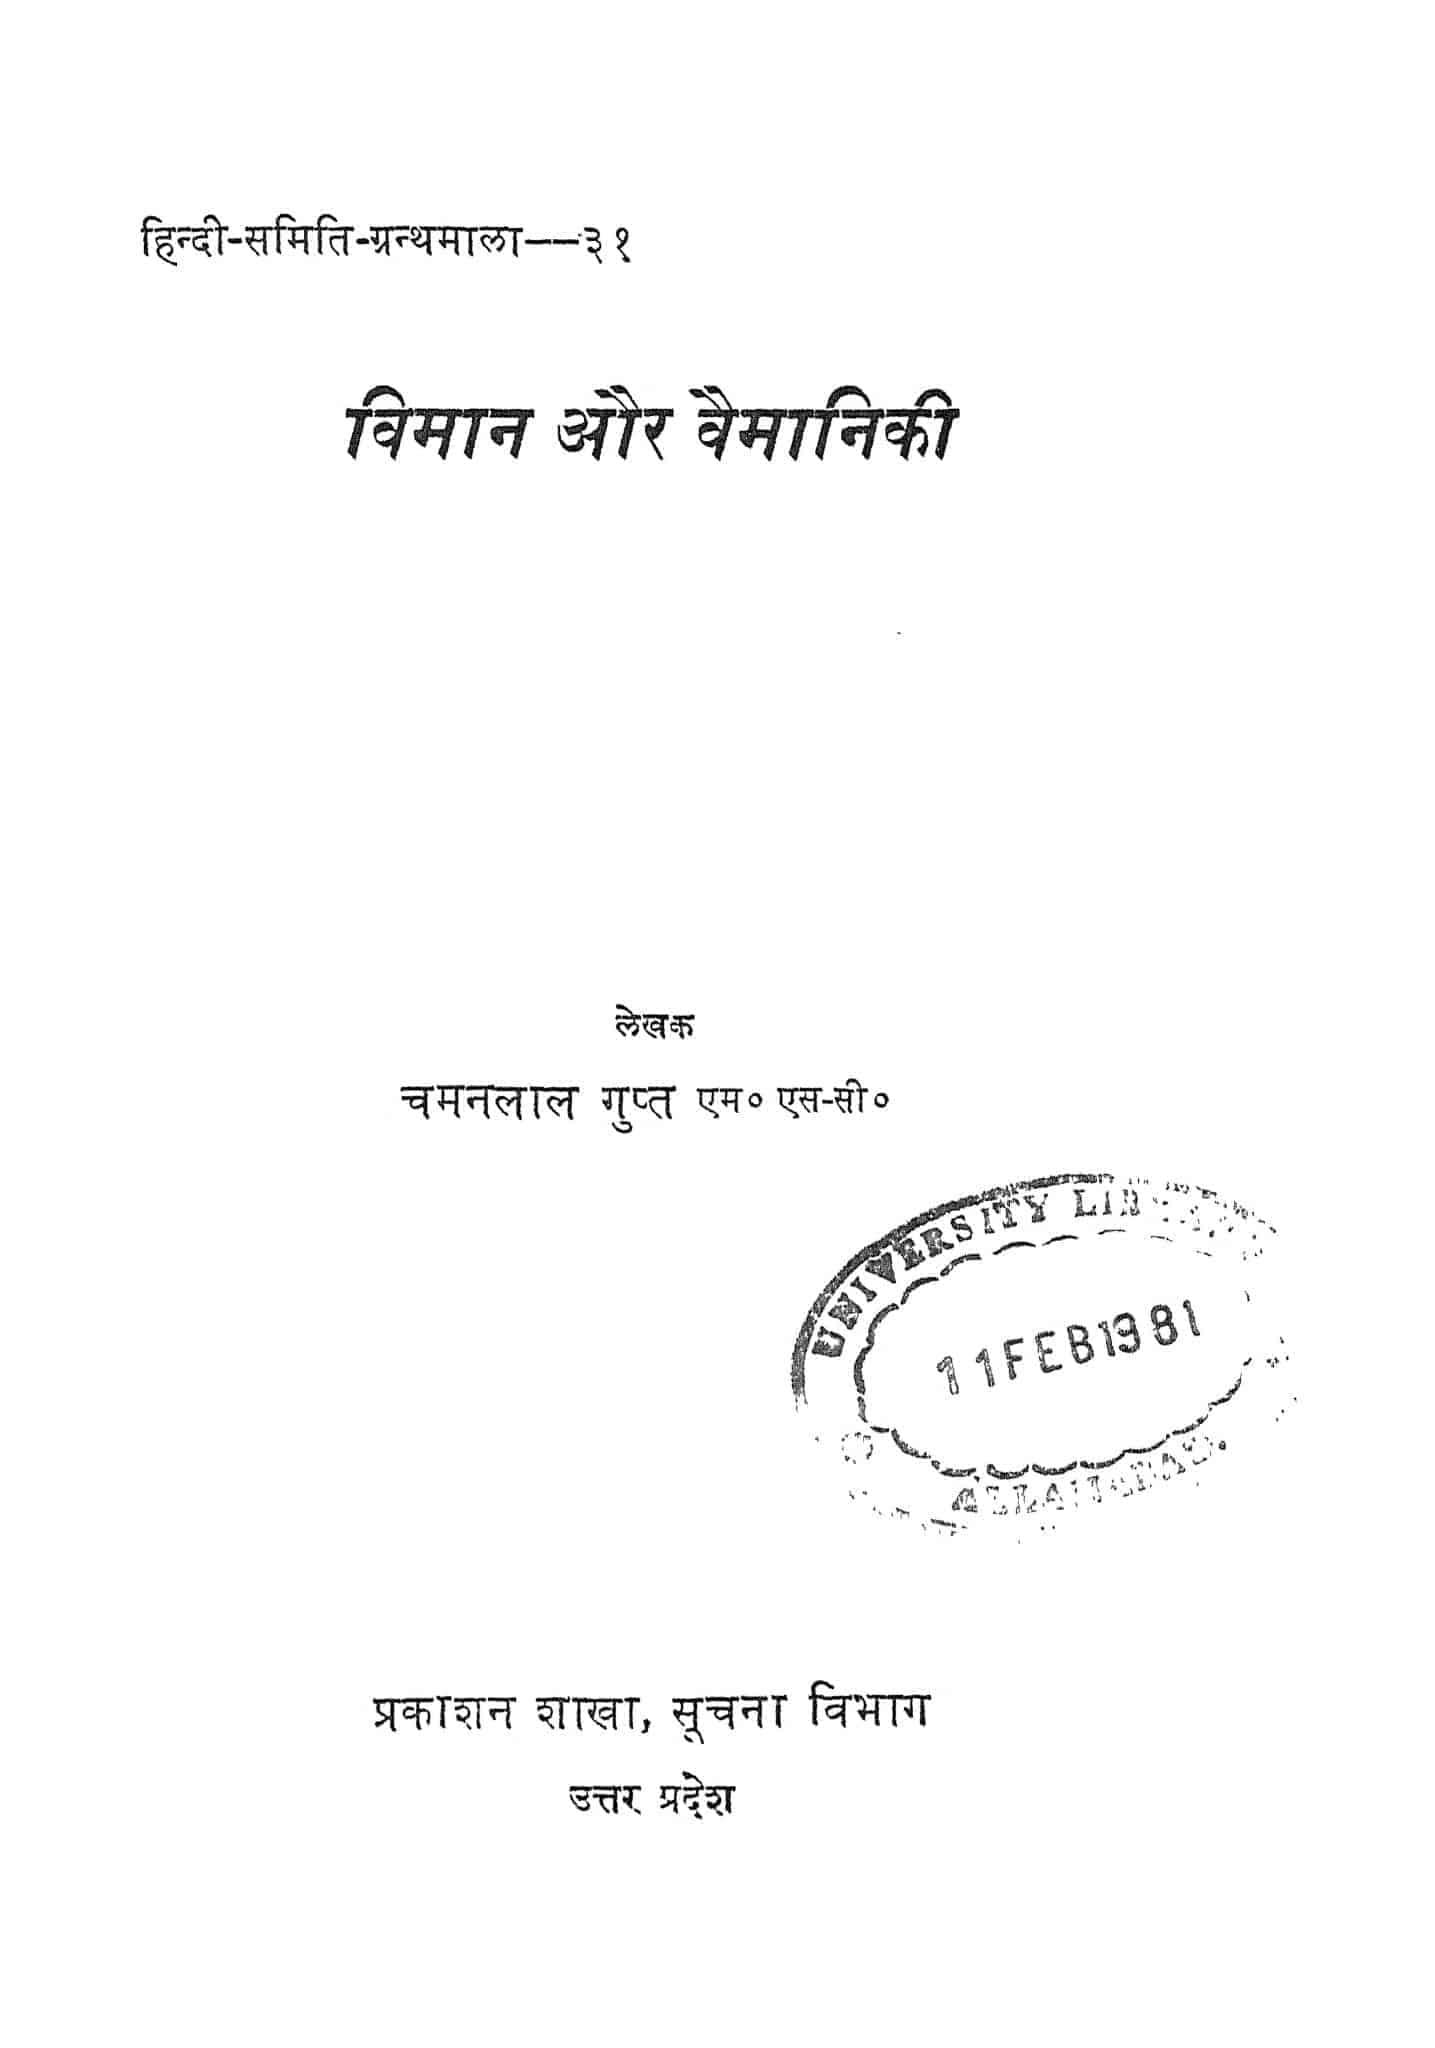 Book Image : विमान और वैमानिकी - Vimaan Aur Vaimaanikii